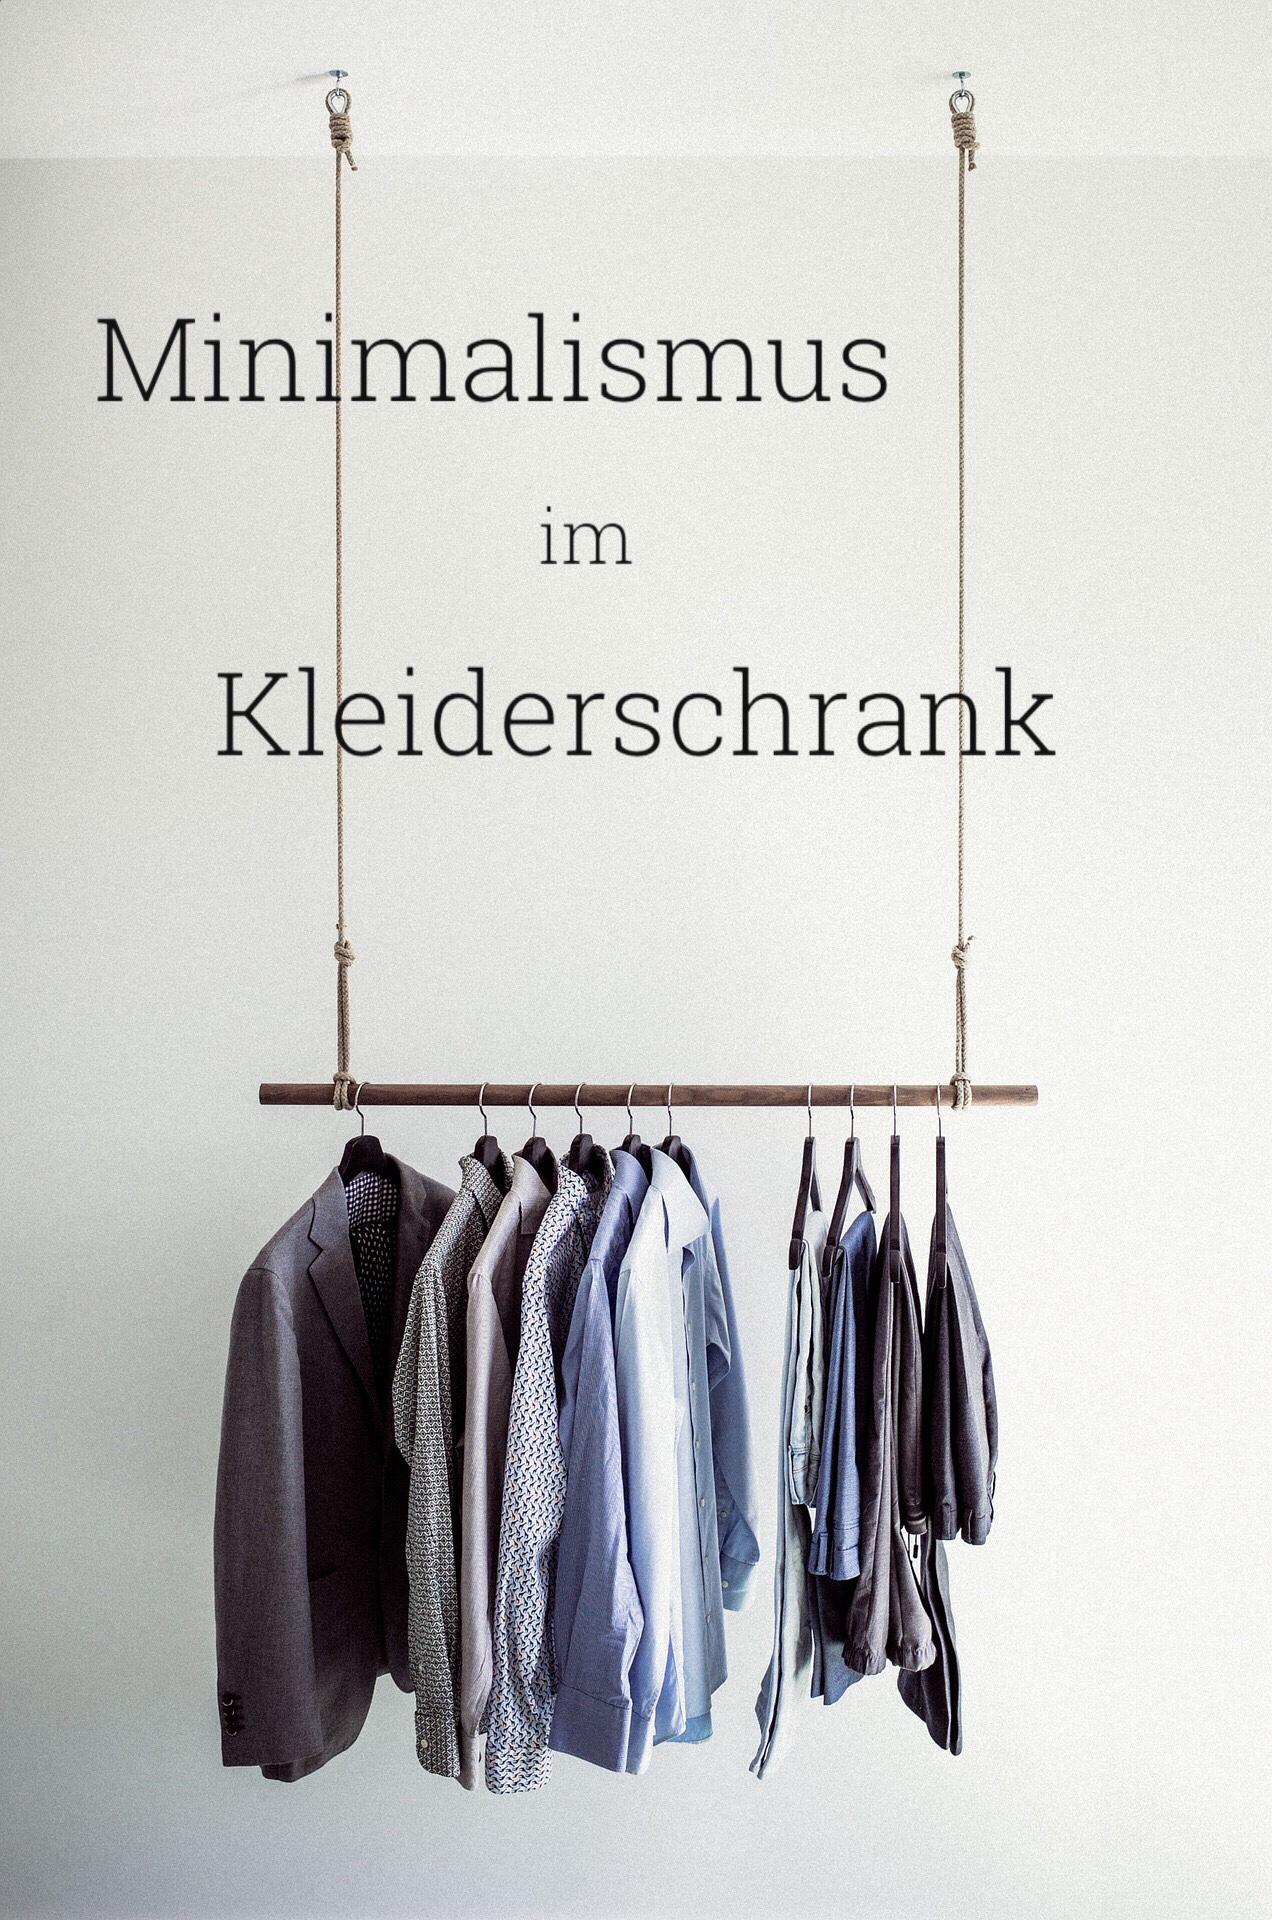 09493228b Minimalismus im Kleiderschrank - Die Hausmutter